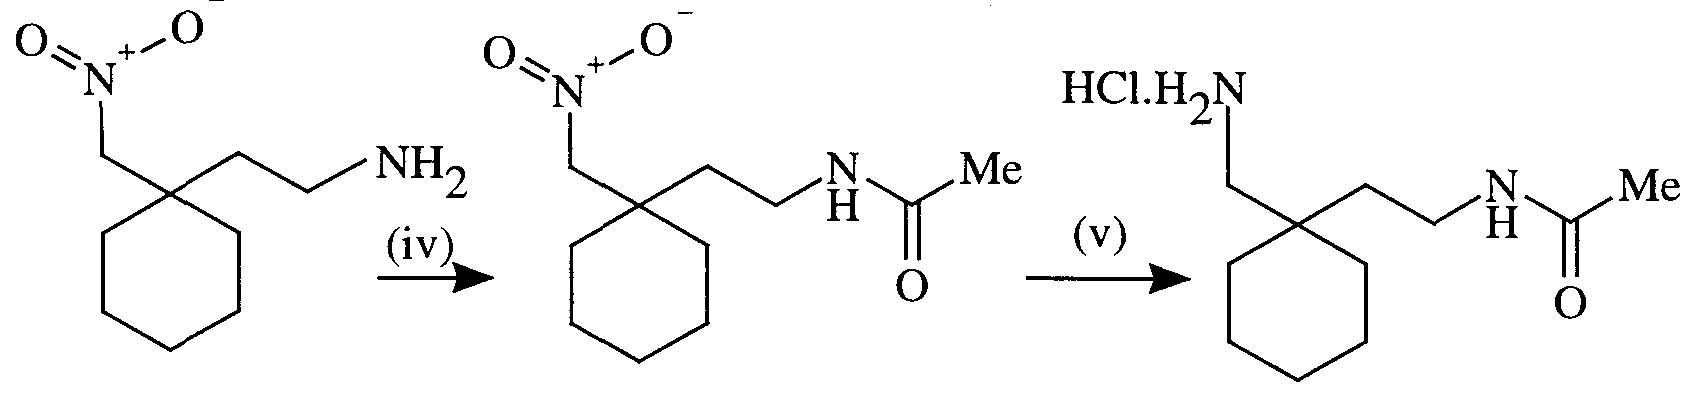 Figure imgf000044_0002